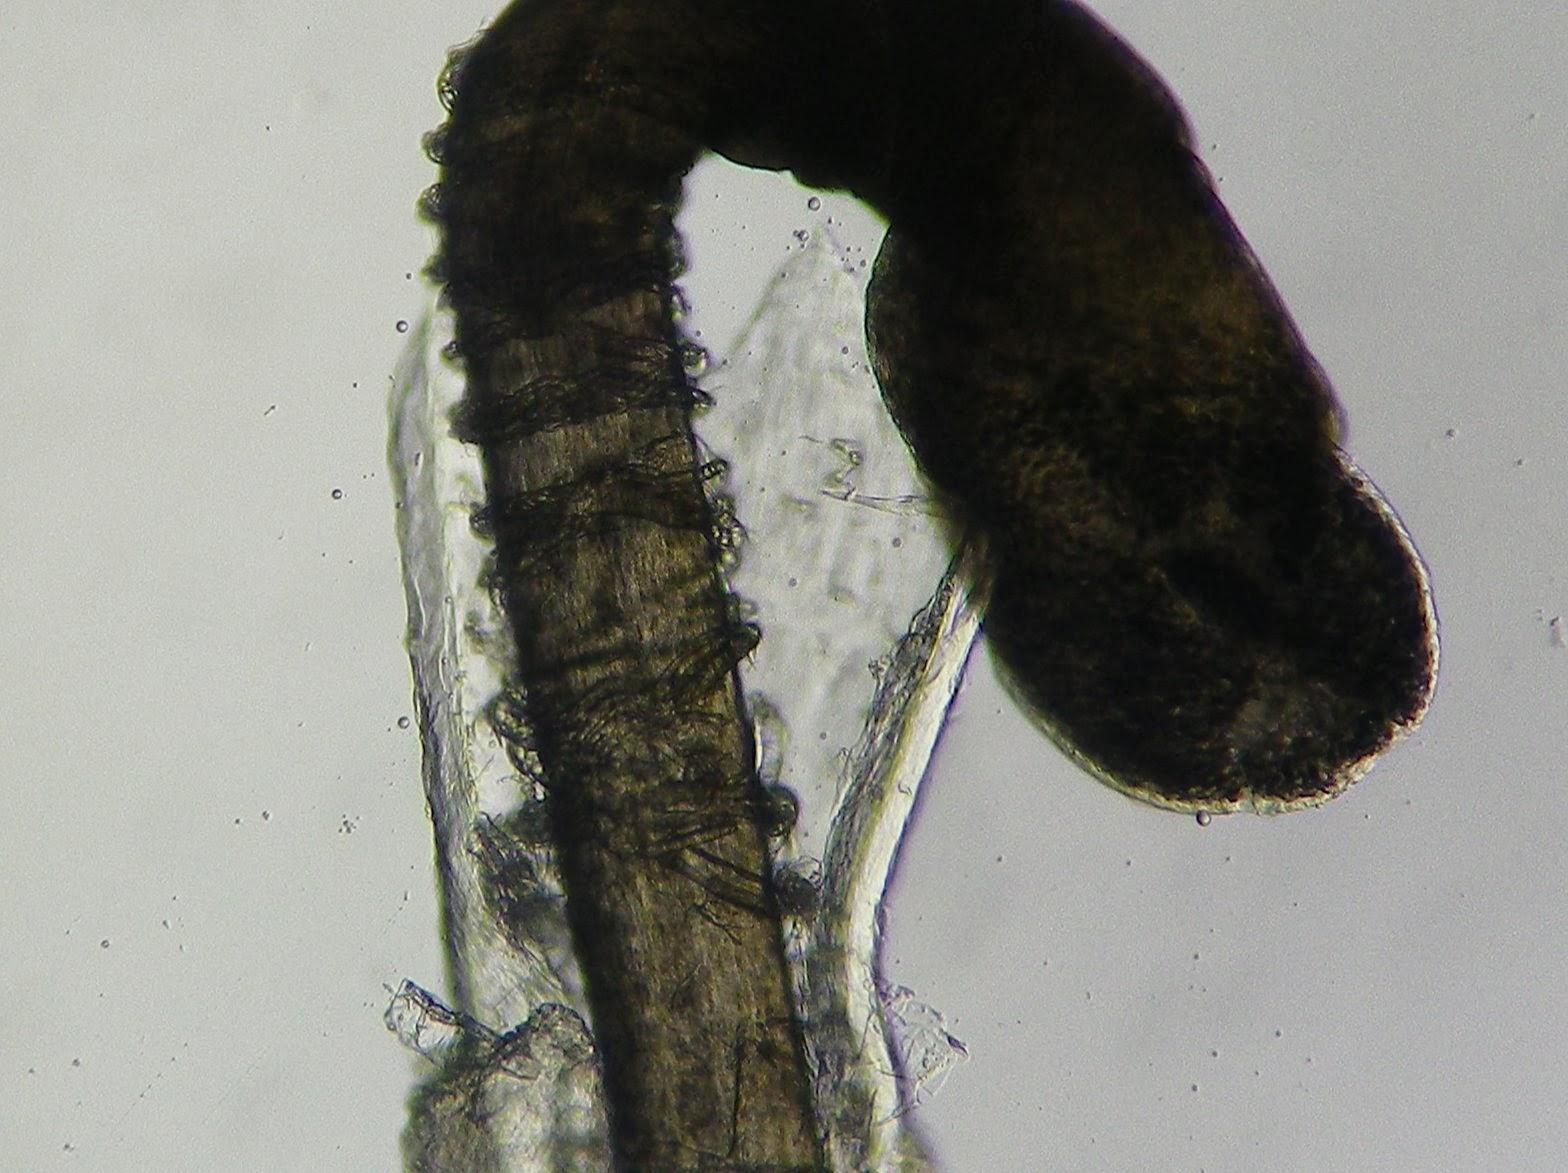 Hair Bulb Under Microscope Under the Microscope: ...